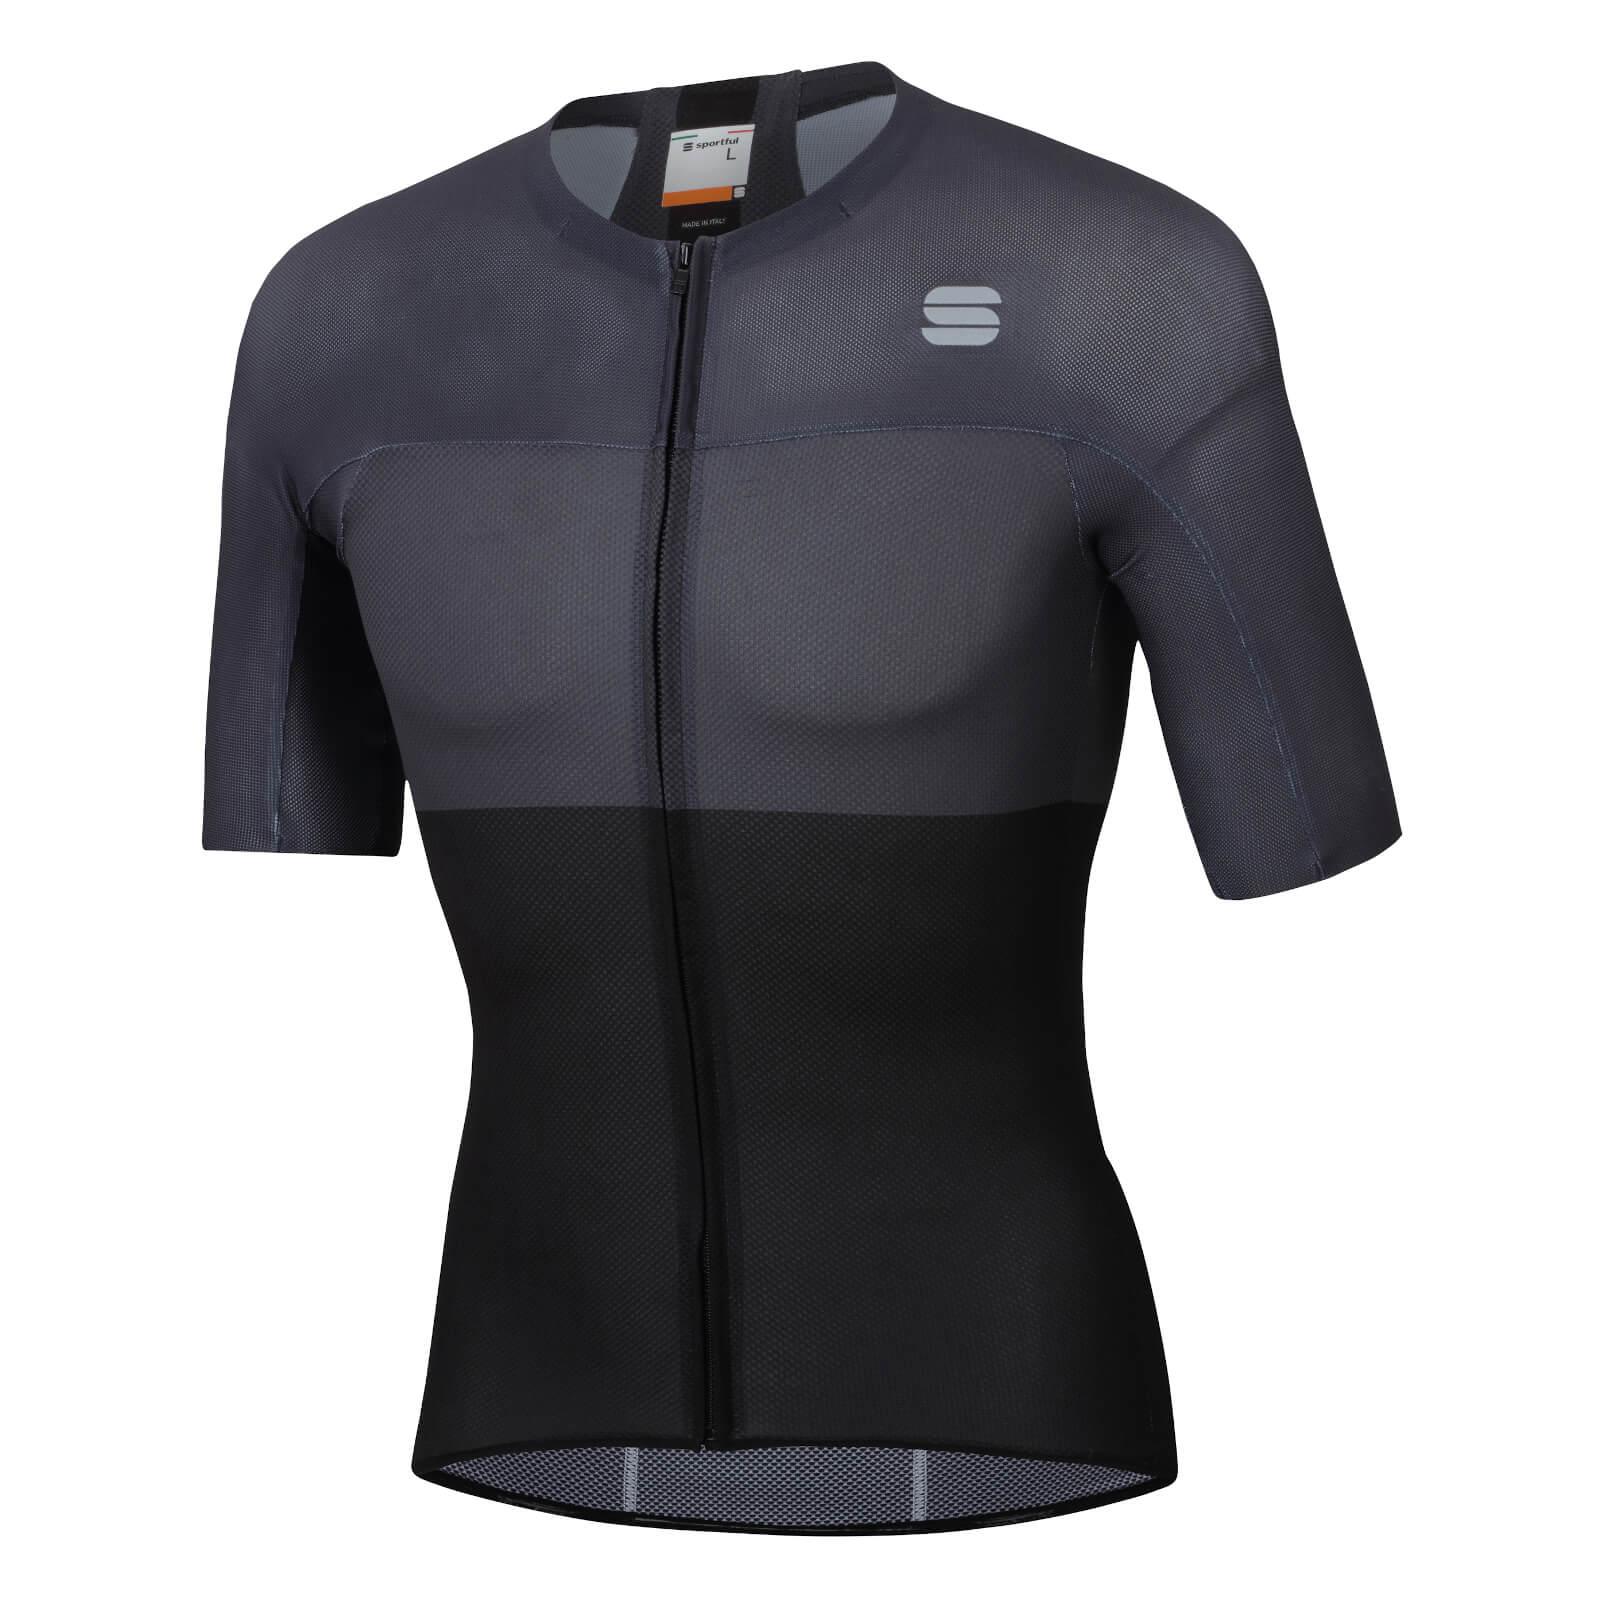 Sportful BodyFit Pro Light Jersey - L - Black/Anthracite